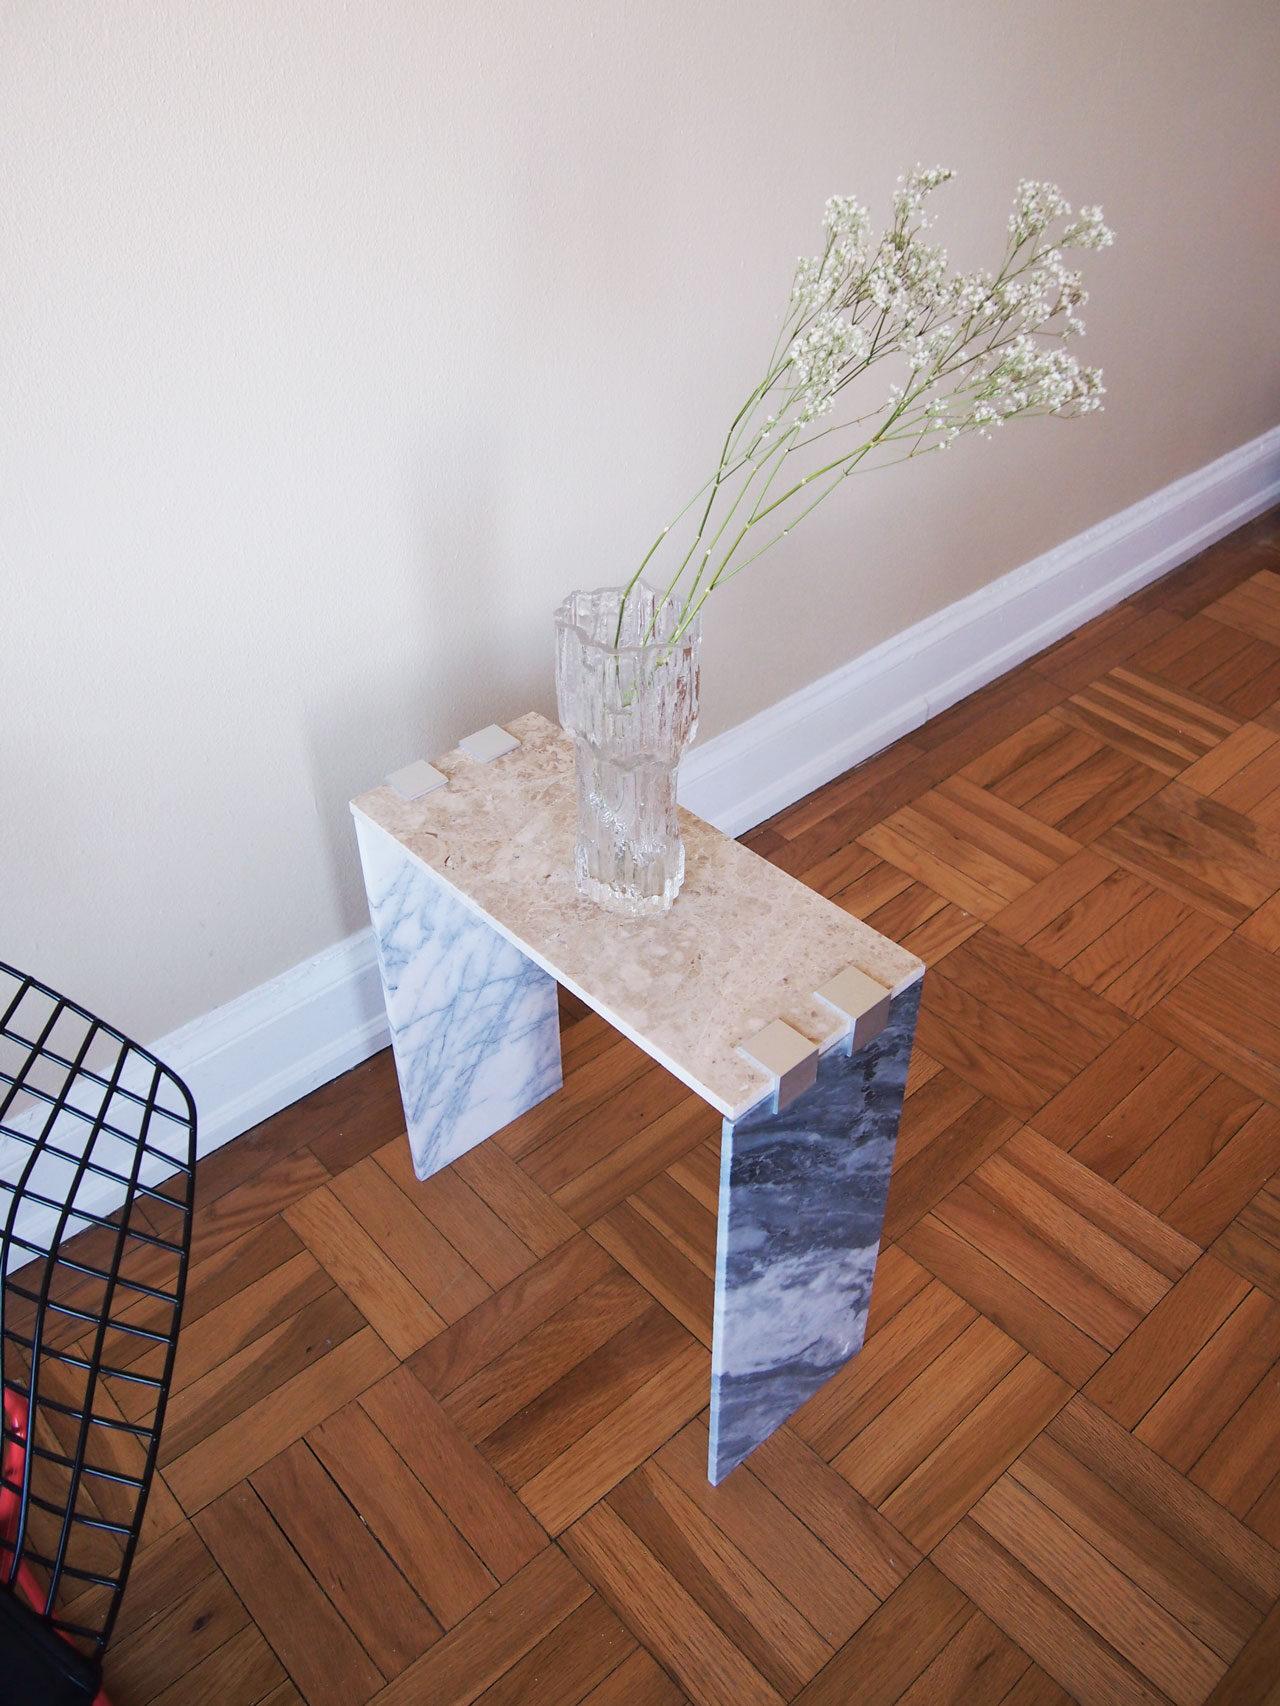 DIY marble tile side table designed by Aandersson